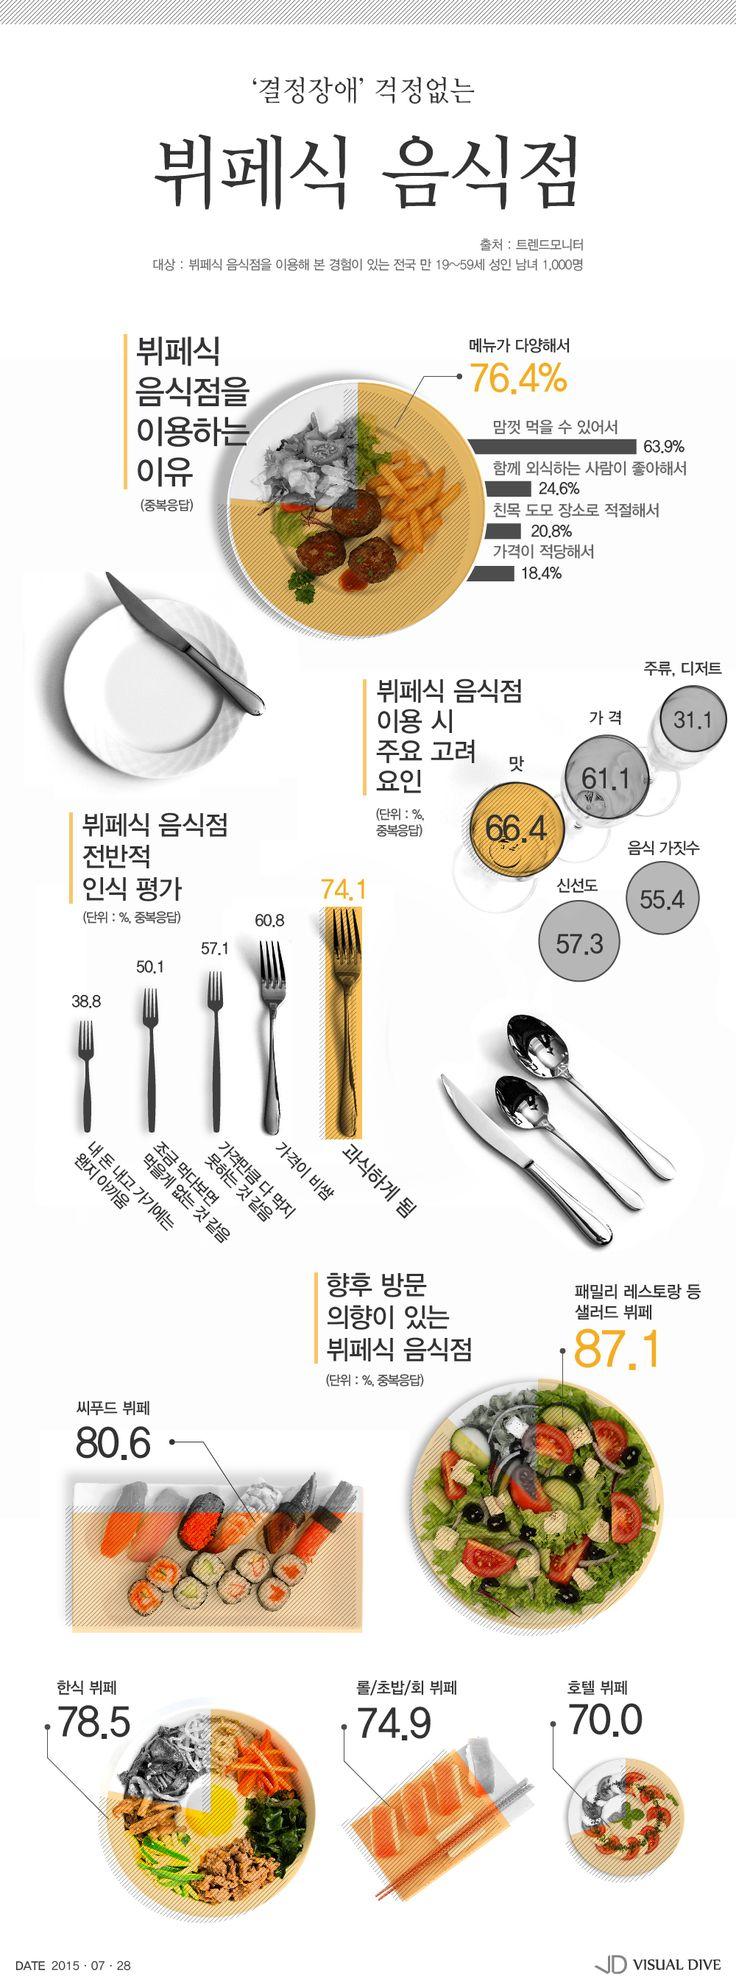 결정장애 걱정 없는 '뷔페식 음식점' 인기…가장 선호하는 곳은? [인포그래픽] #Buffet / #Infographic ⓒ 비주얼다이브 무단 복사·전재·재배포 금지